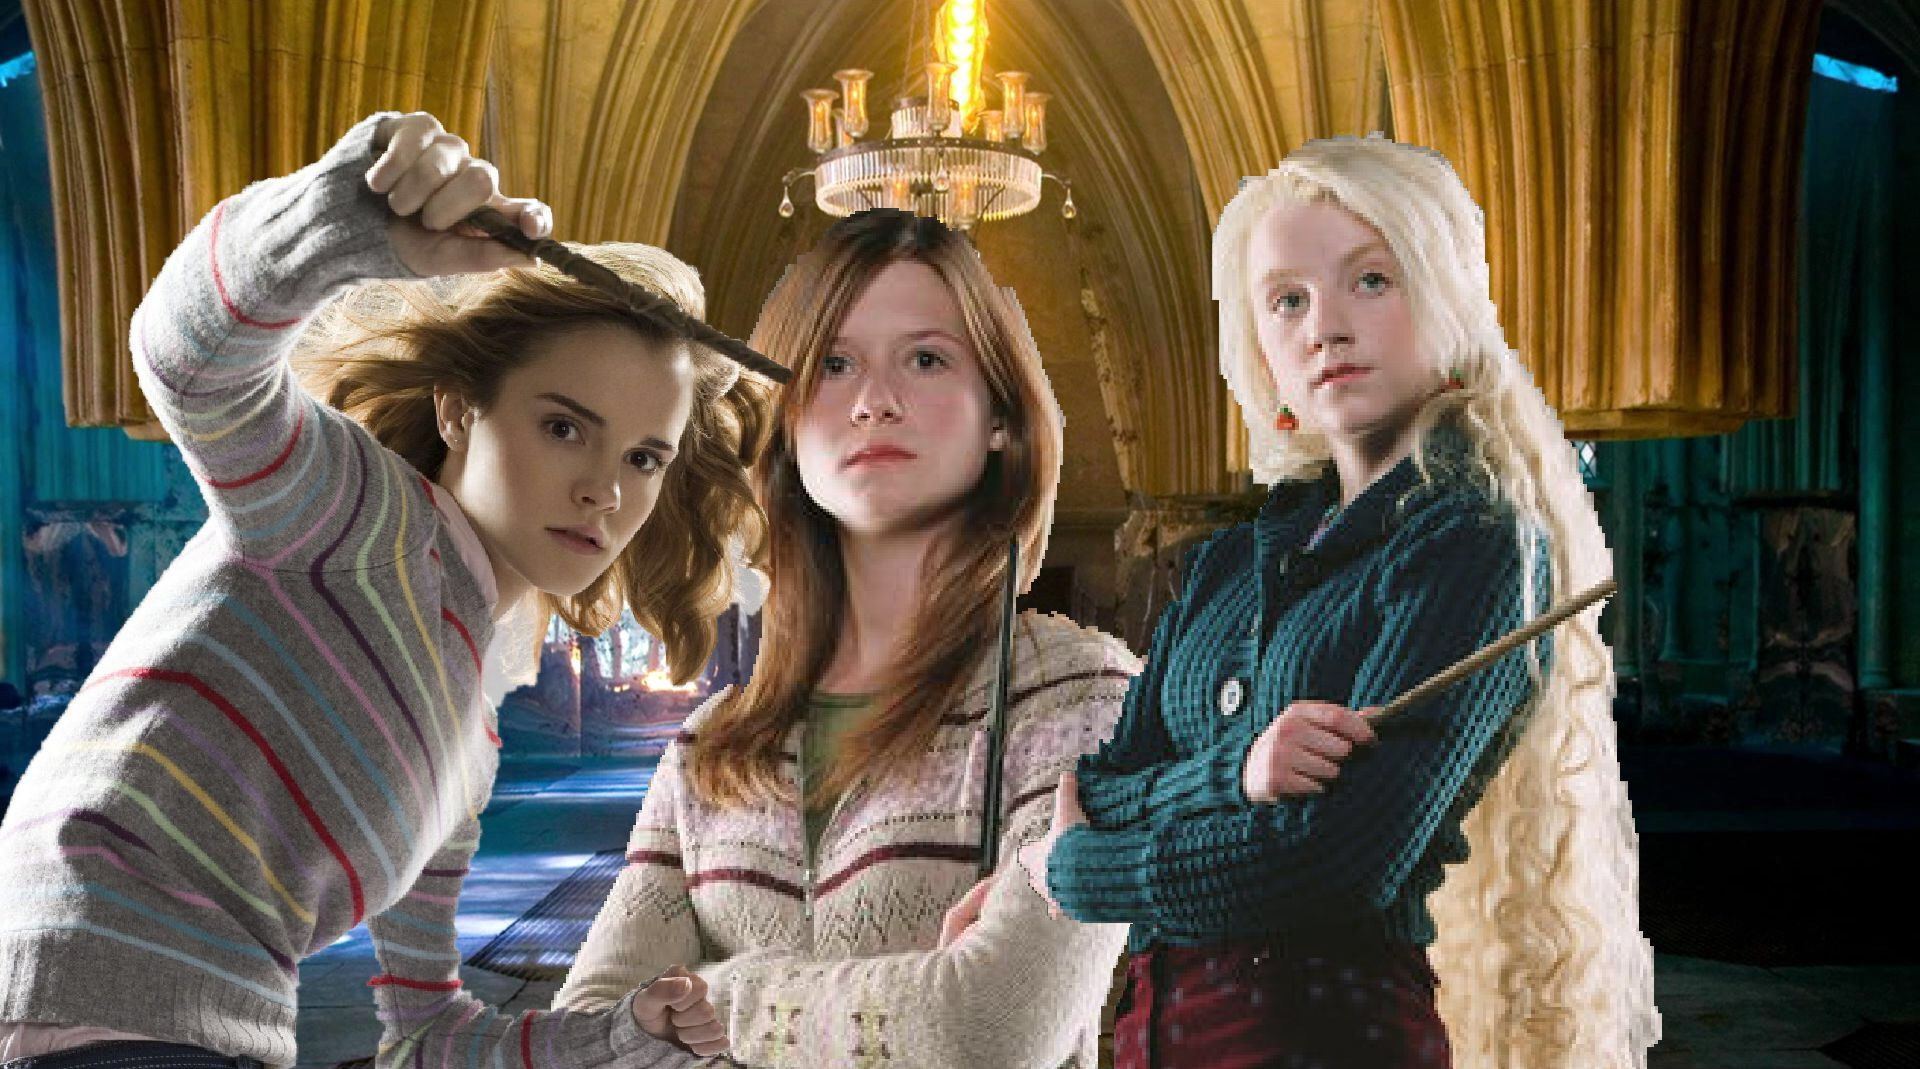 Pin di Malfoynelly su Hermione Granger, Ginny Weasley, & Luna Lovegood | Hermione, Attrici